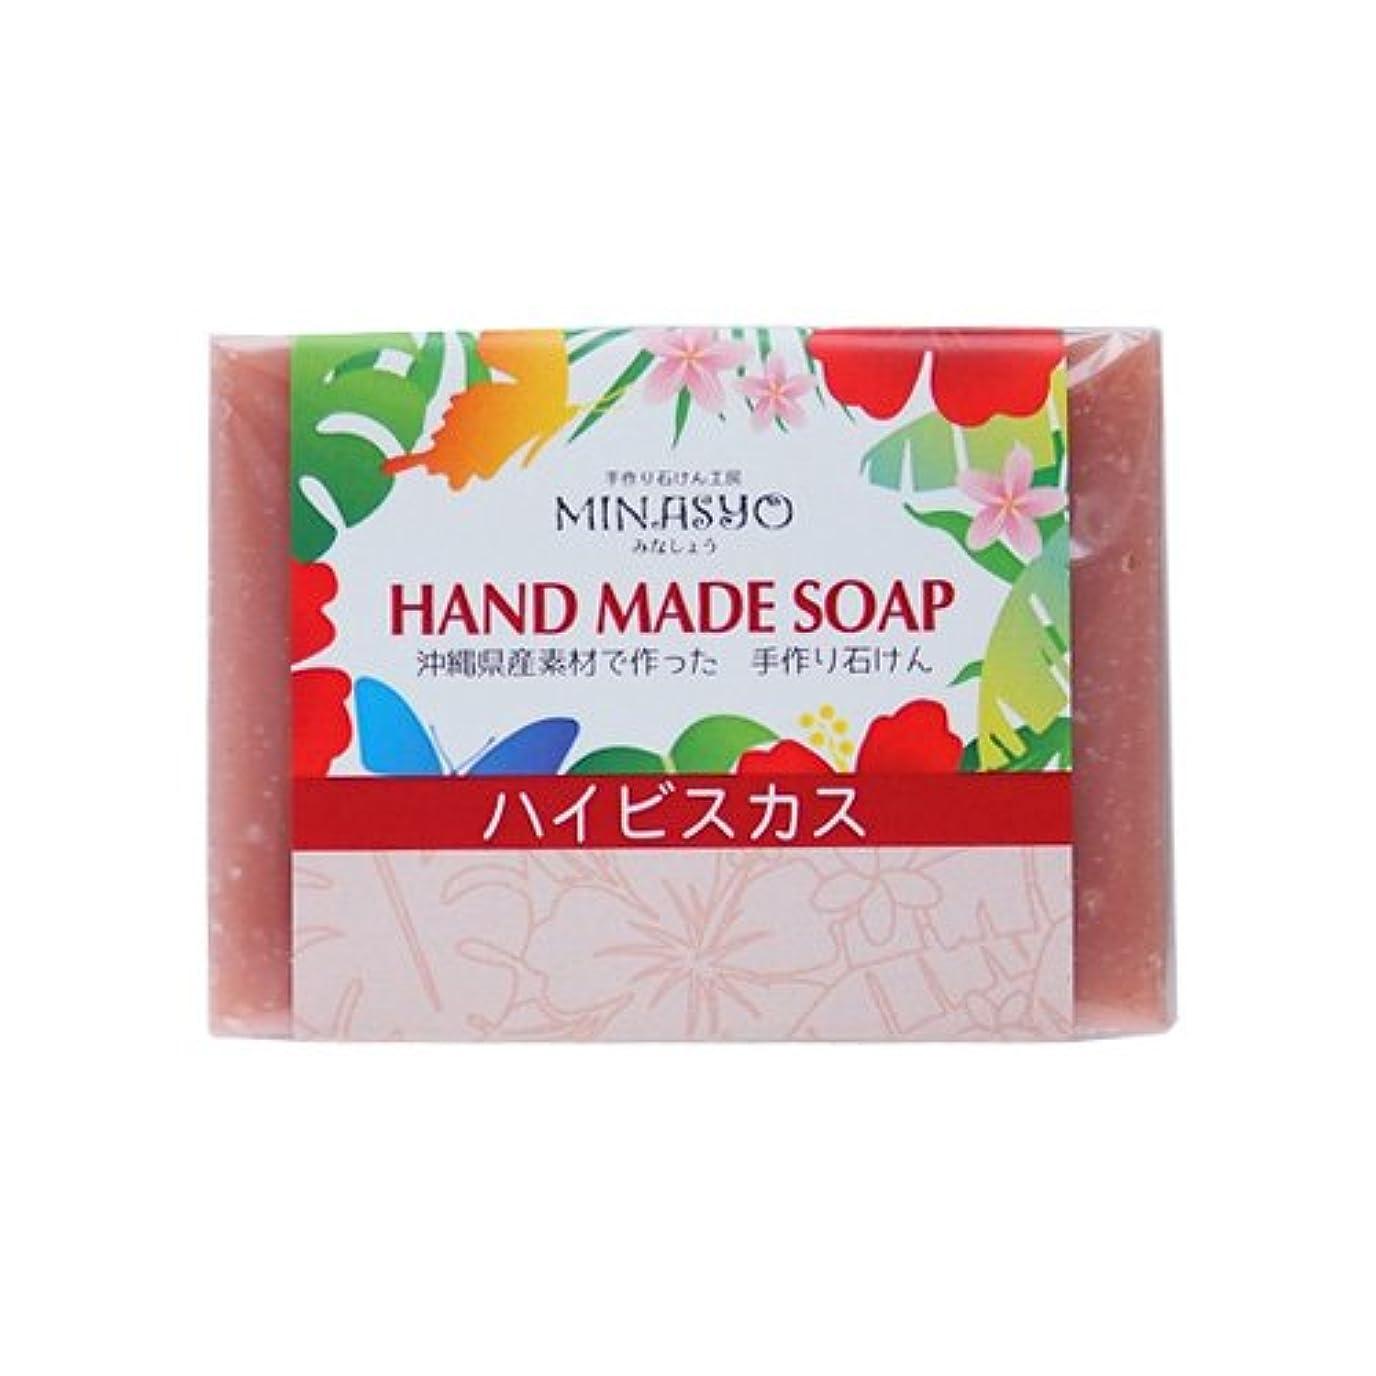 部族パニックふさわしいピンククレイ 洗顔石鹸 無添加 固形 毛穴ケア 手作りローゼル石鹸